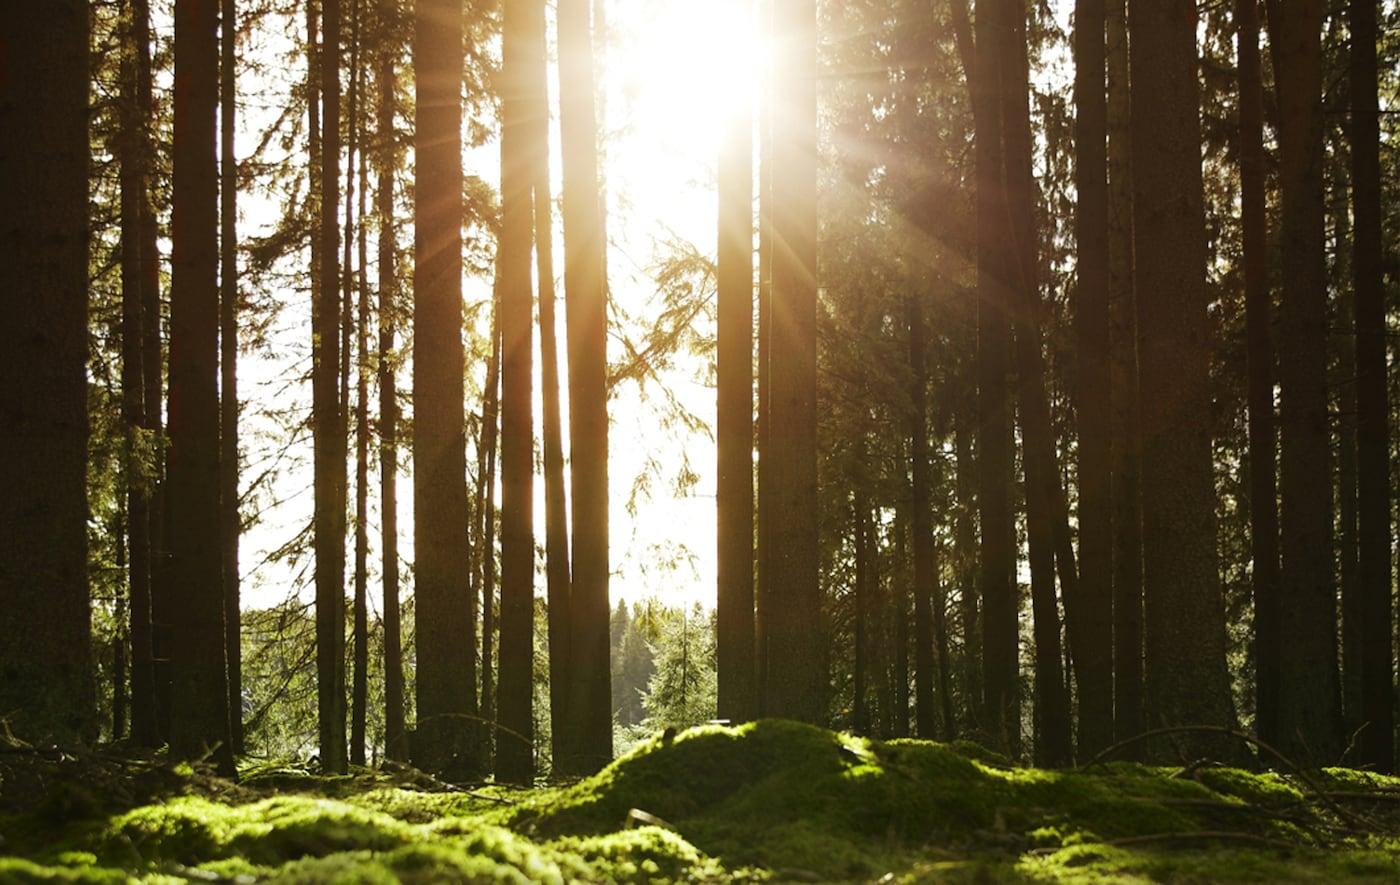 Sonnenstrahlen brechen durch die Bäume in einem Kiefernwald